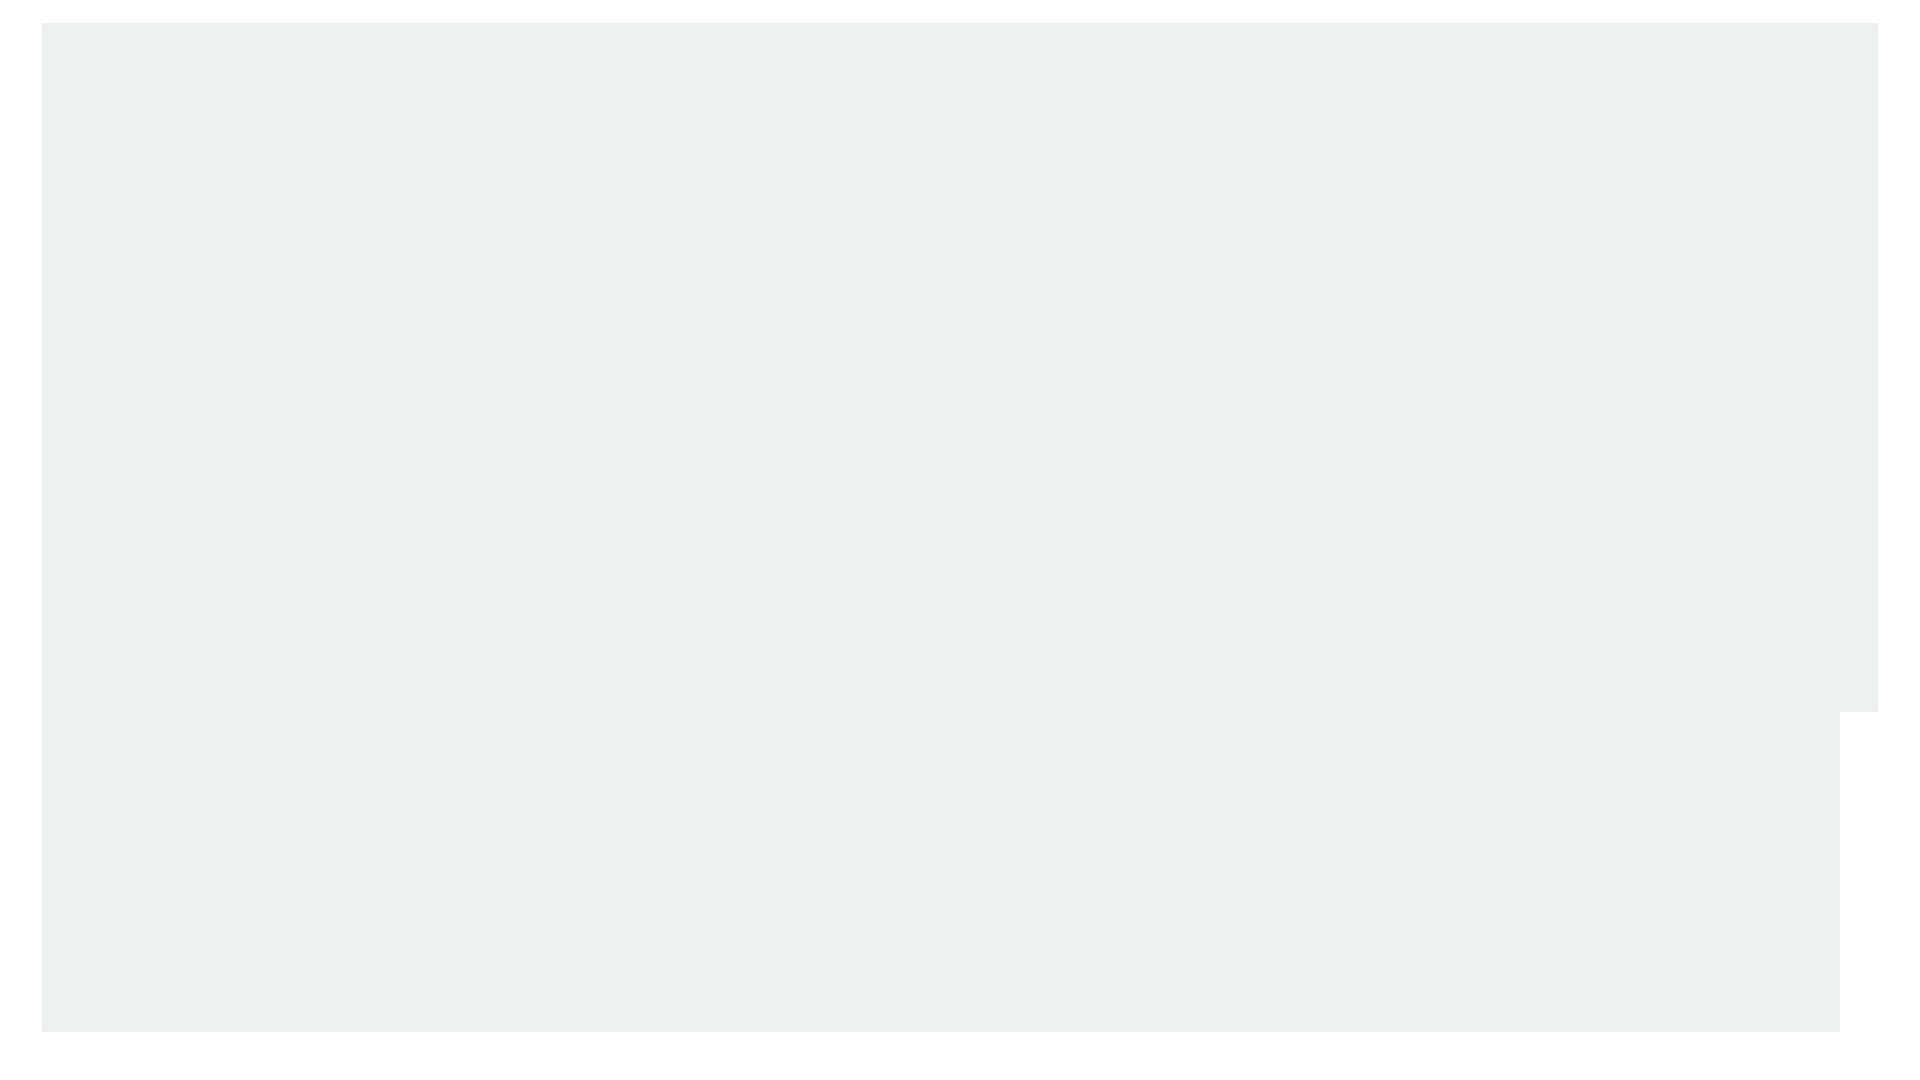 Helsingborg City E-handel